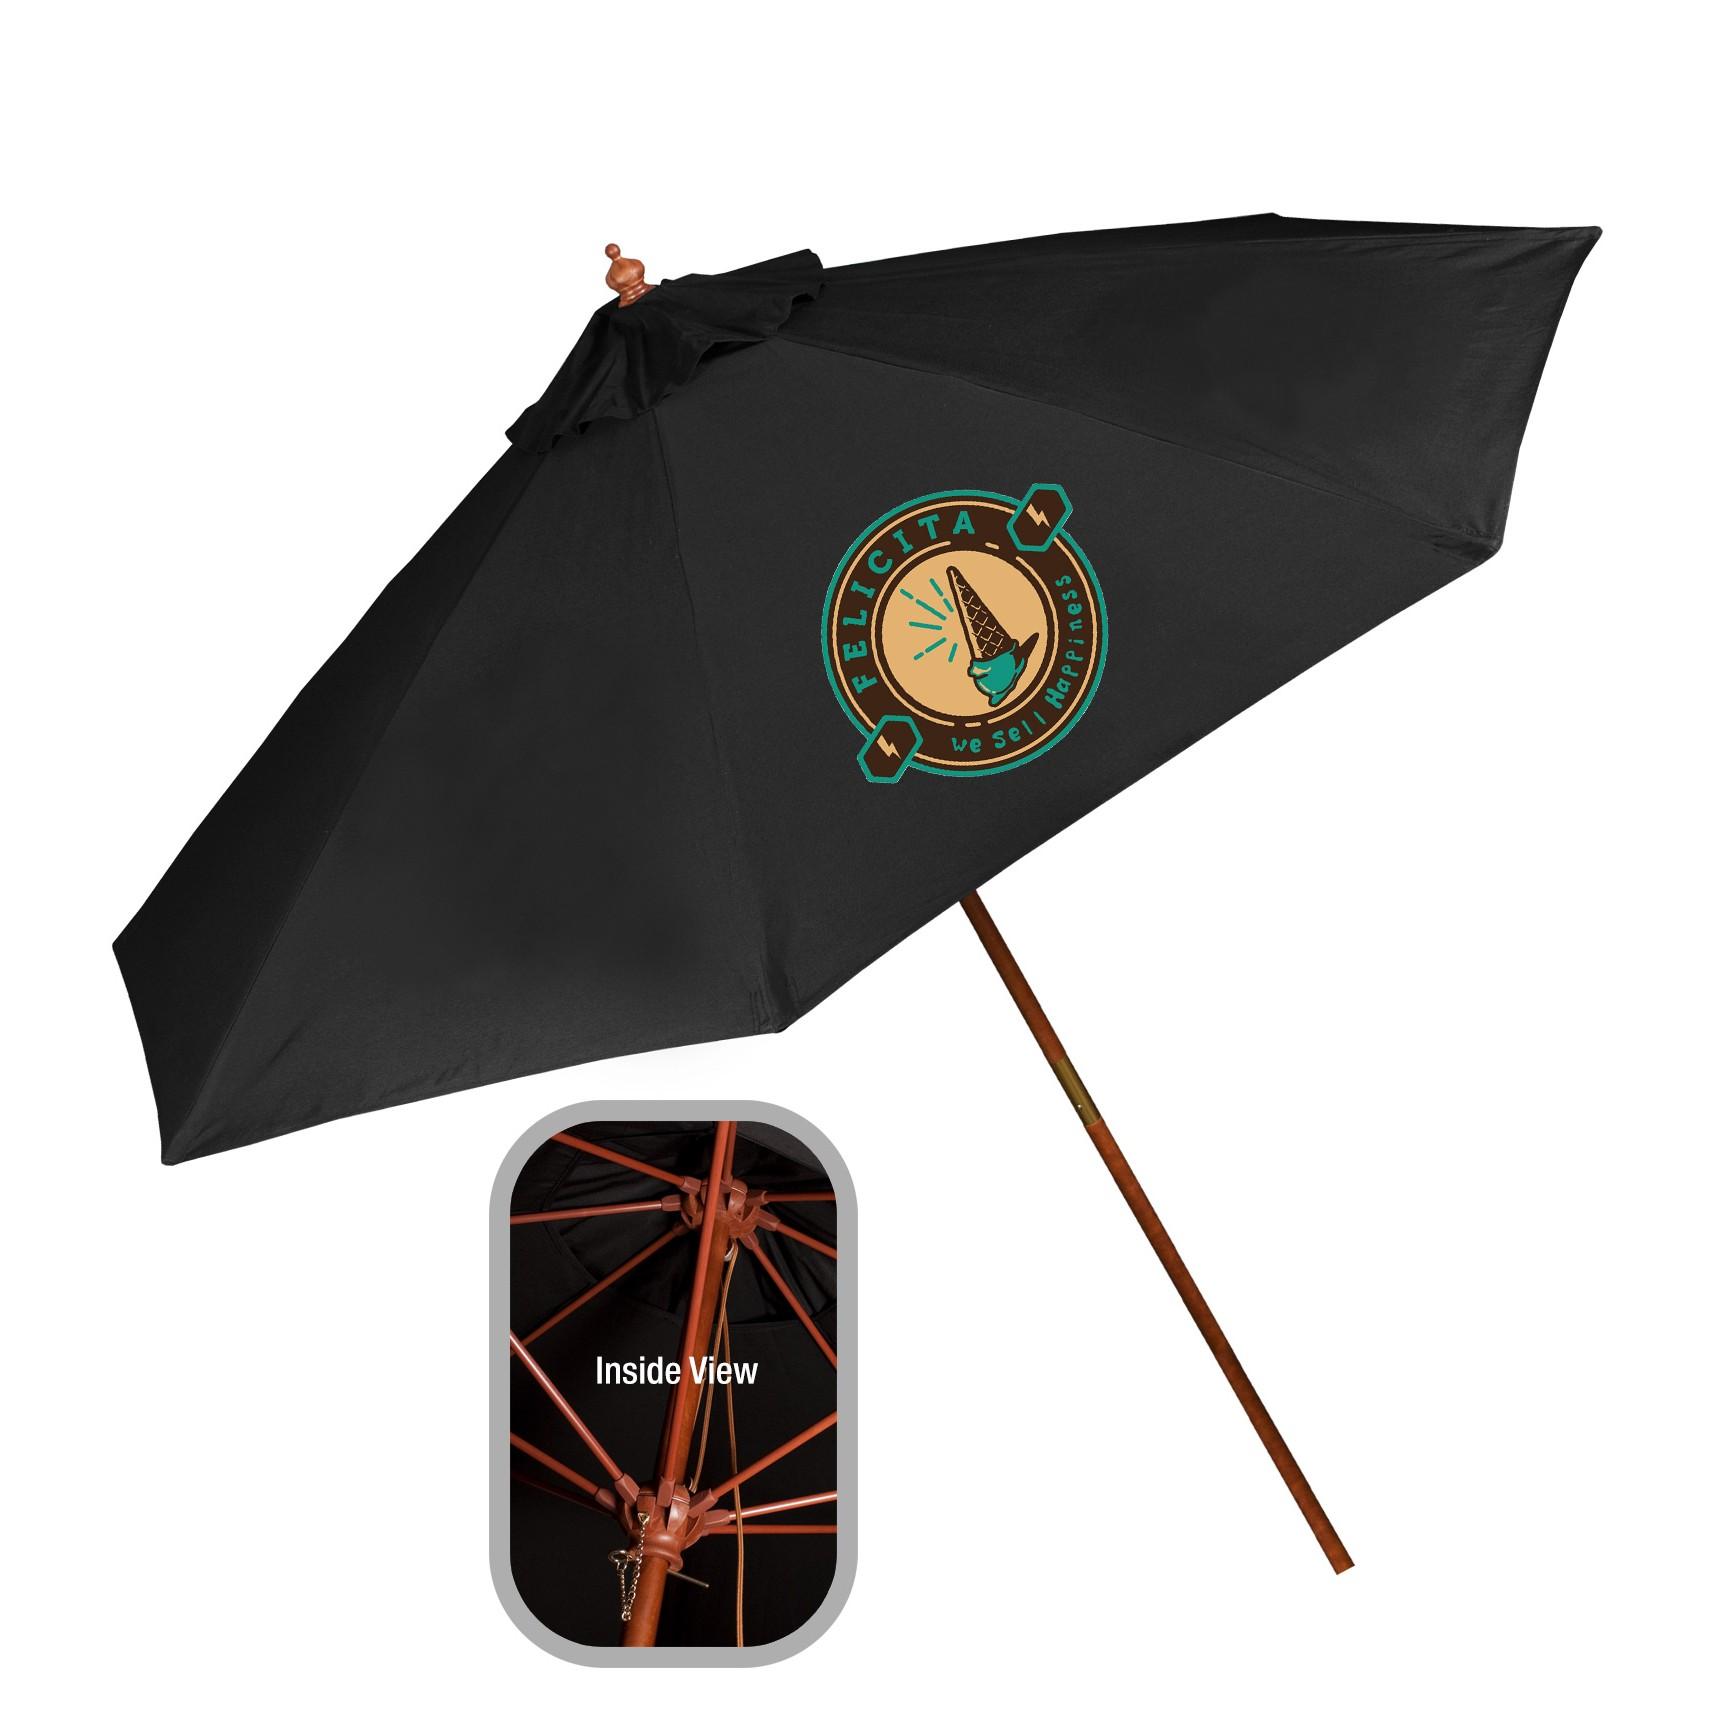 9' Wooden Market Umbrella